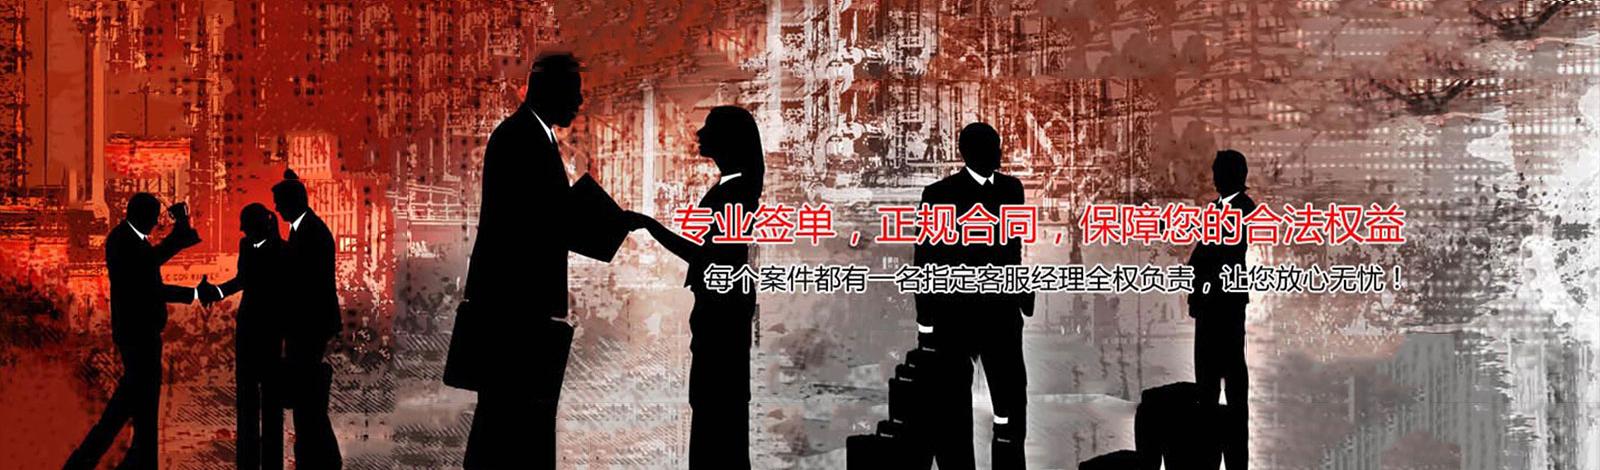 上海市侦探公司